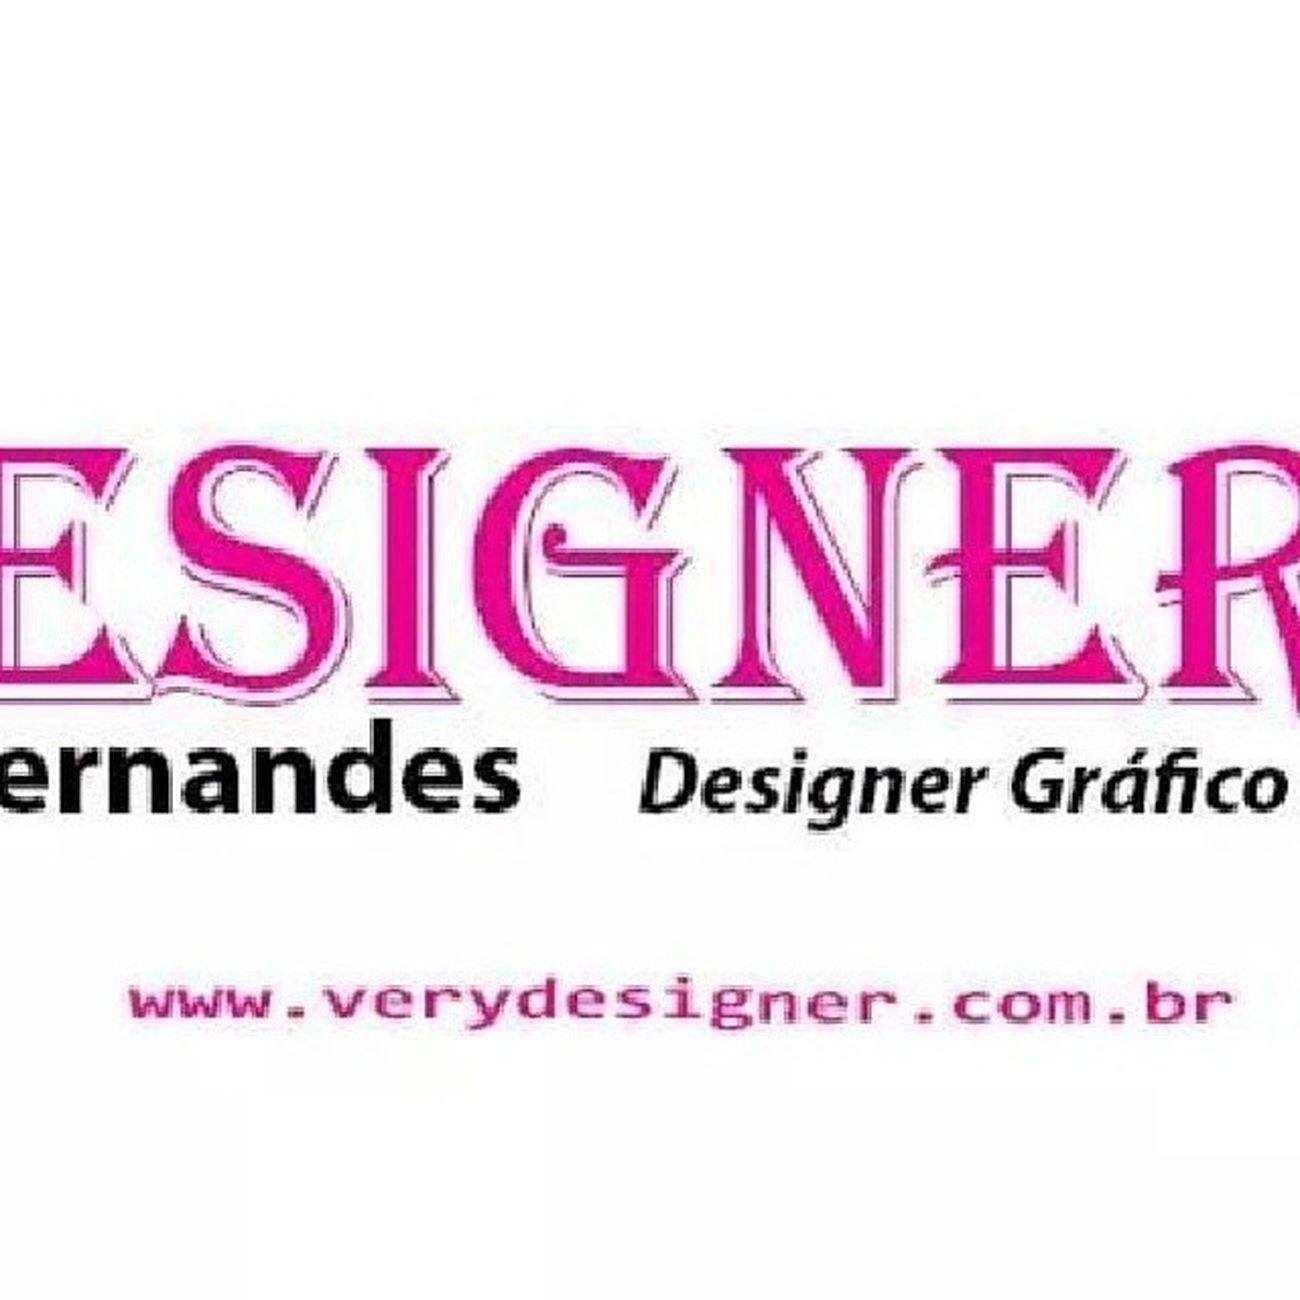 Www.verydesigner.com.BR Acessem Nosso Site E confiracamisetaspersonalizadasdesigndigital